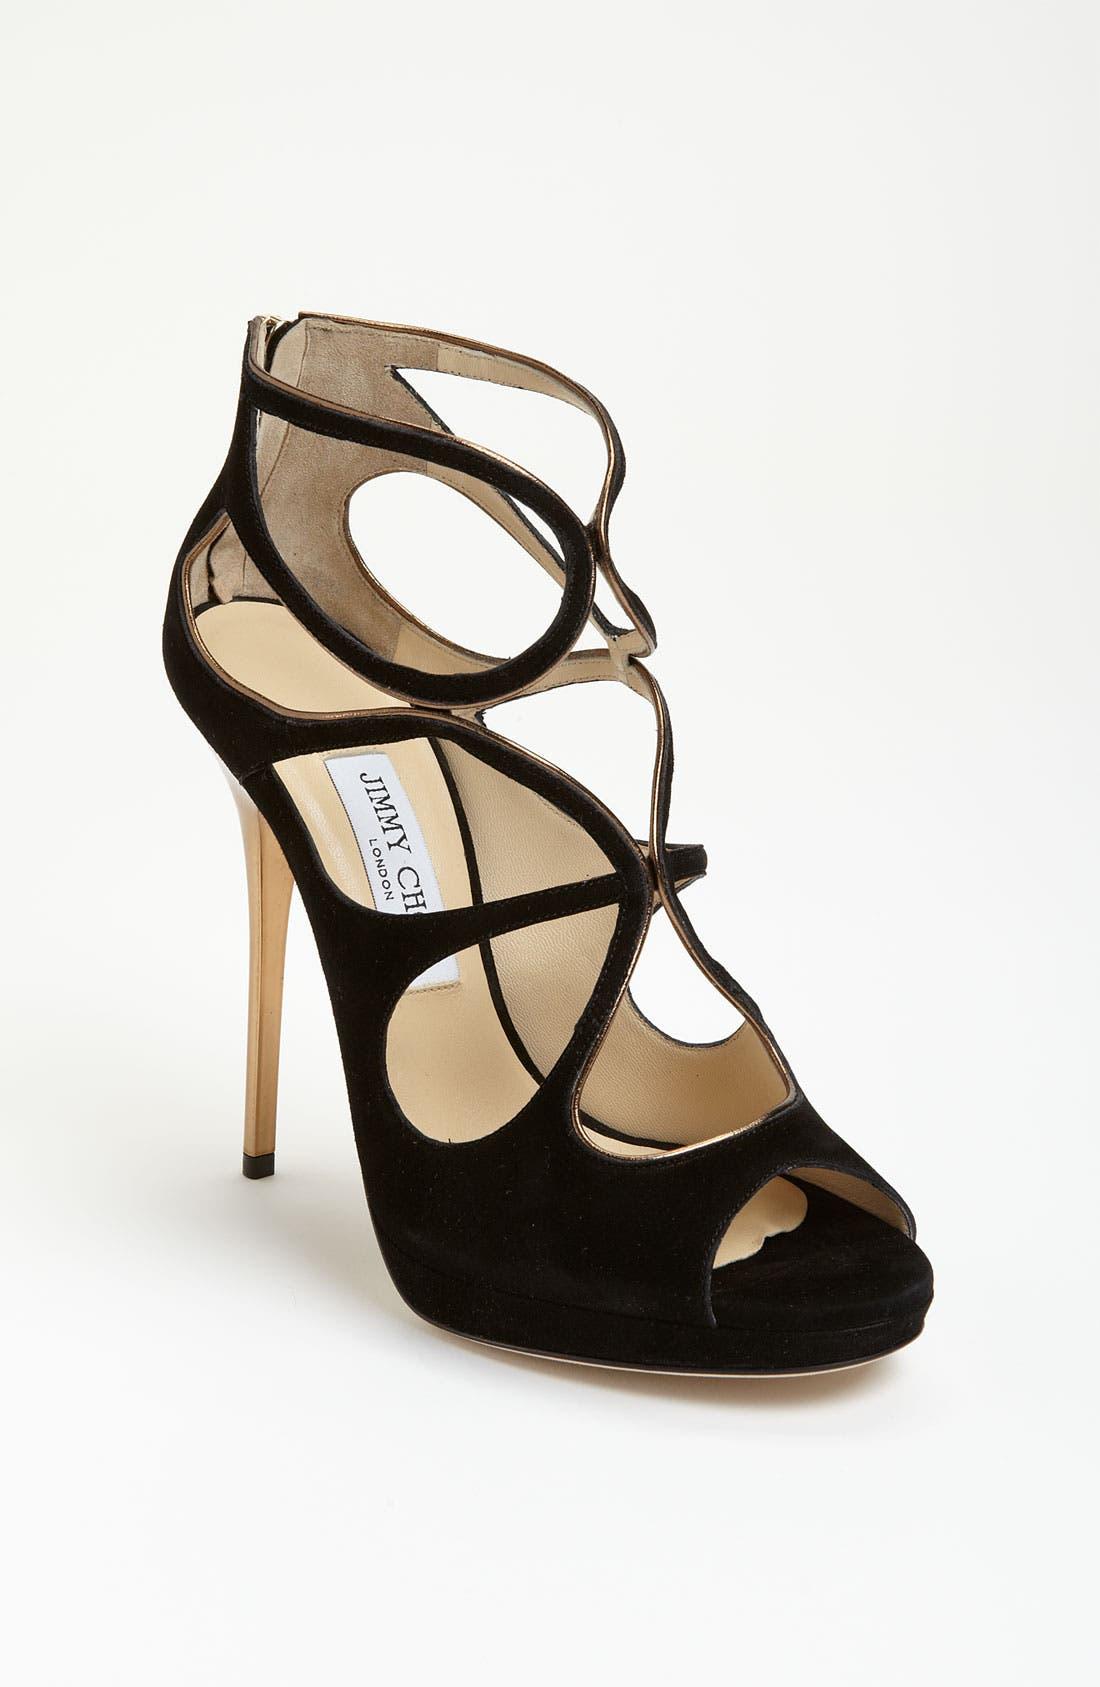 Main Image - Jimmy Choo 'Loila' Sandal